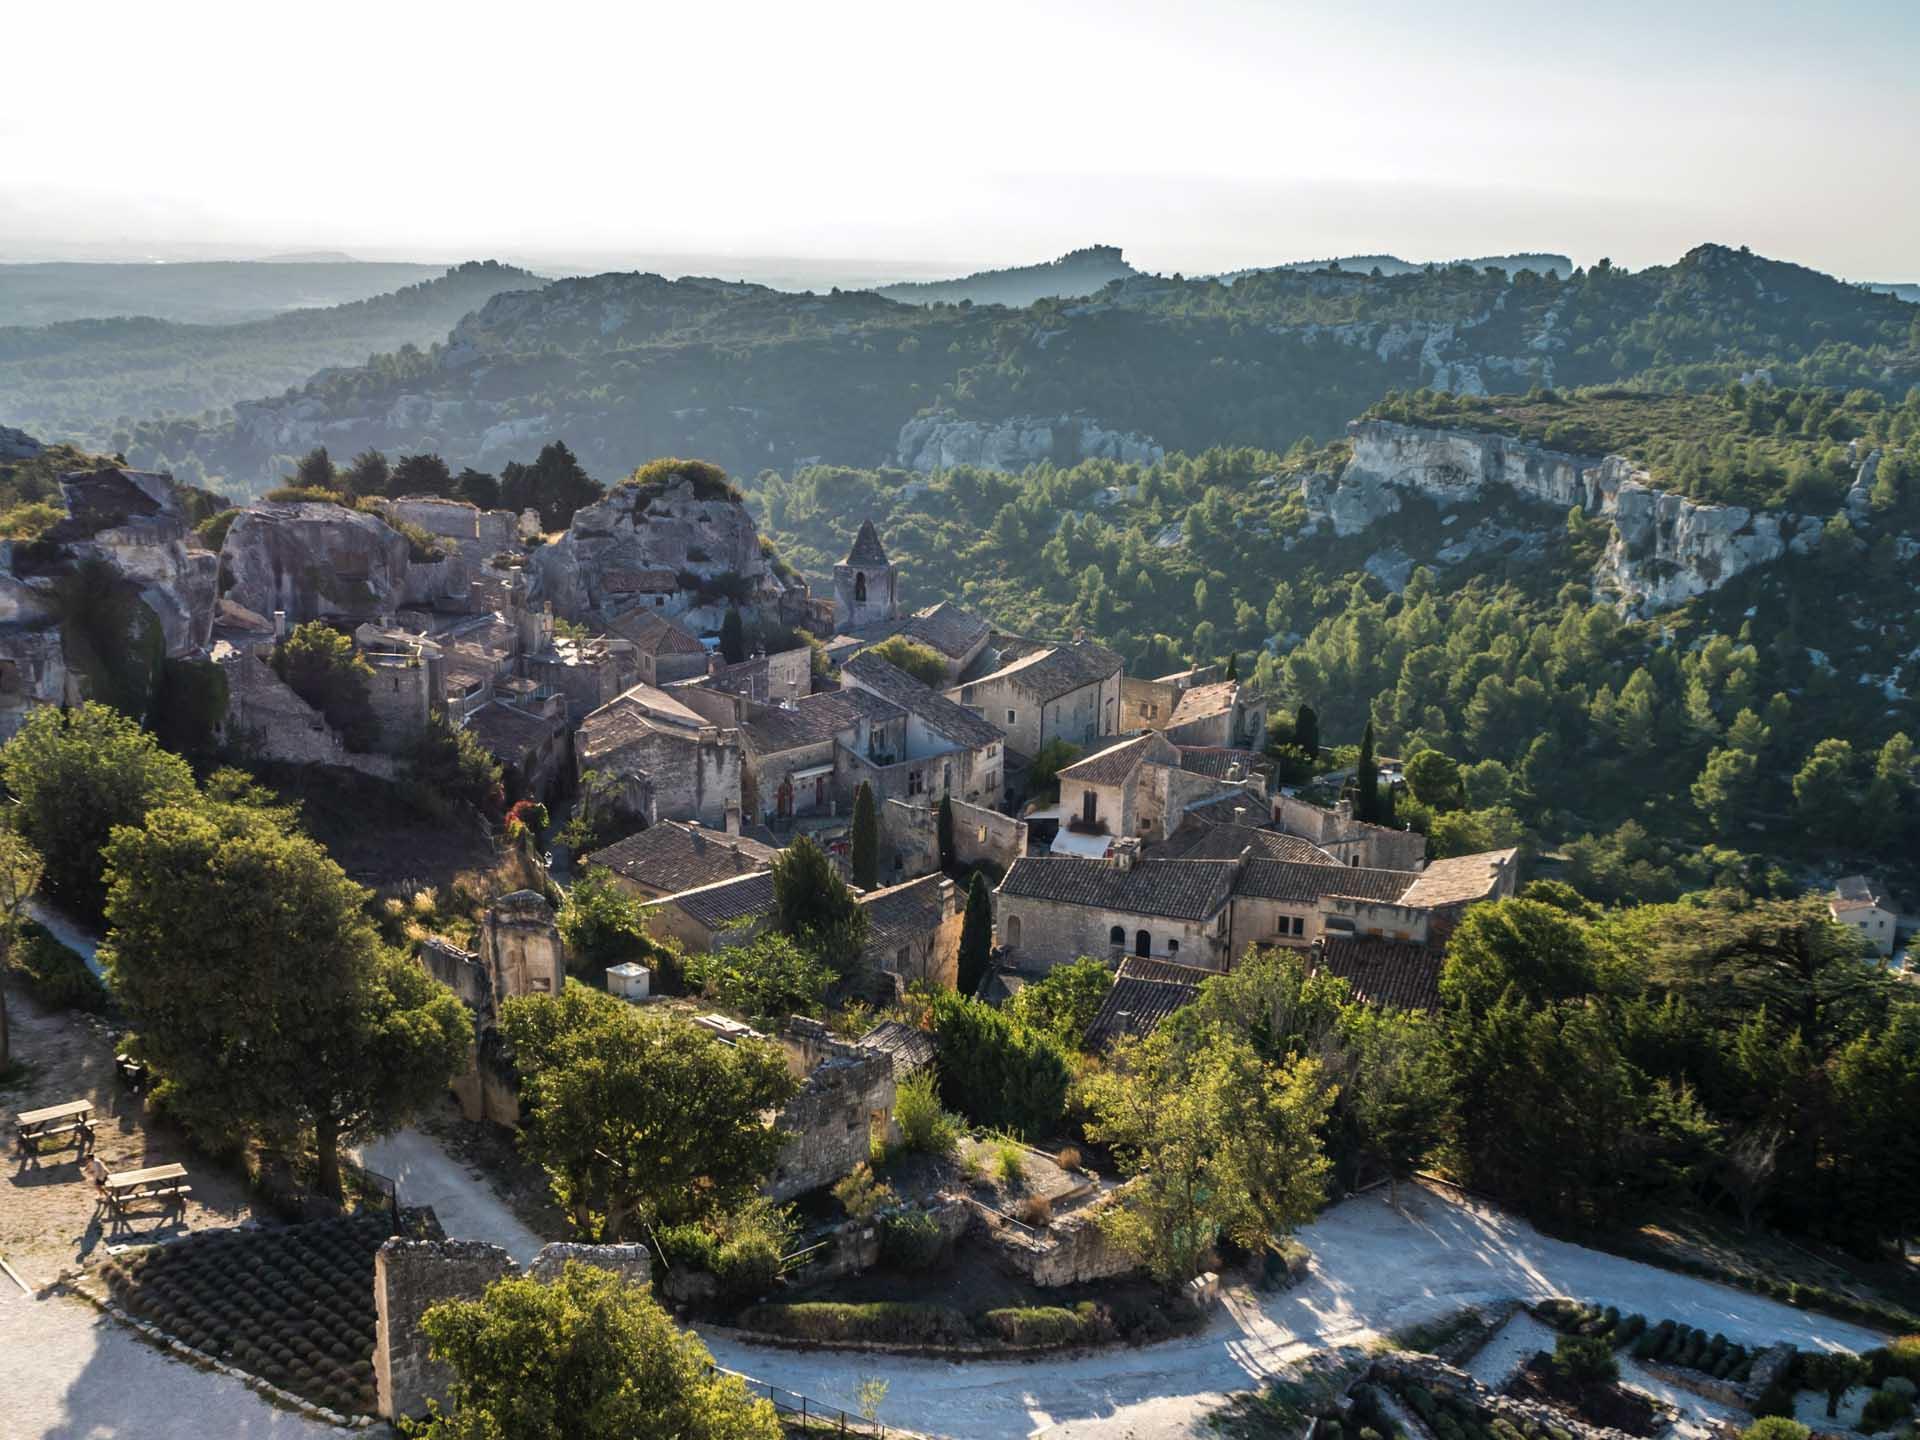 Les Baux-de-Provence dominent la plaine qui s'étend jusqu'à la Méditerranée © Jaakko Kemppainen